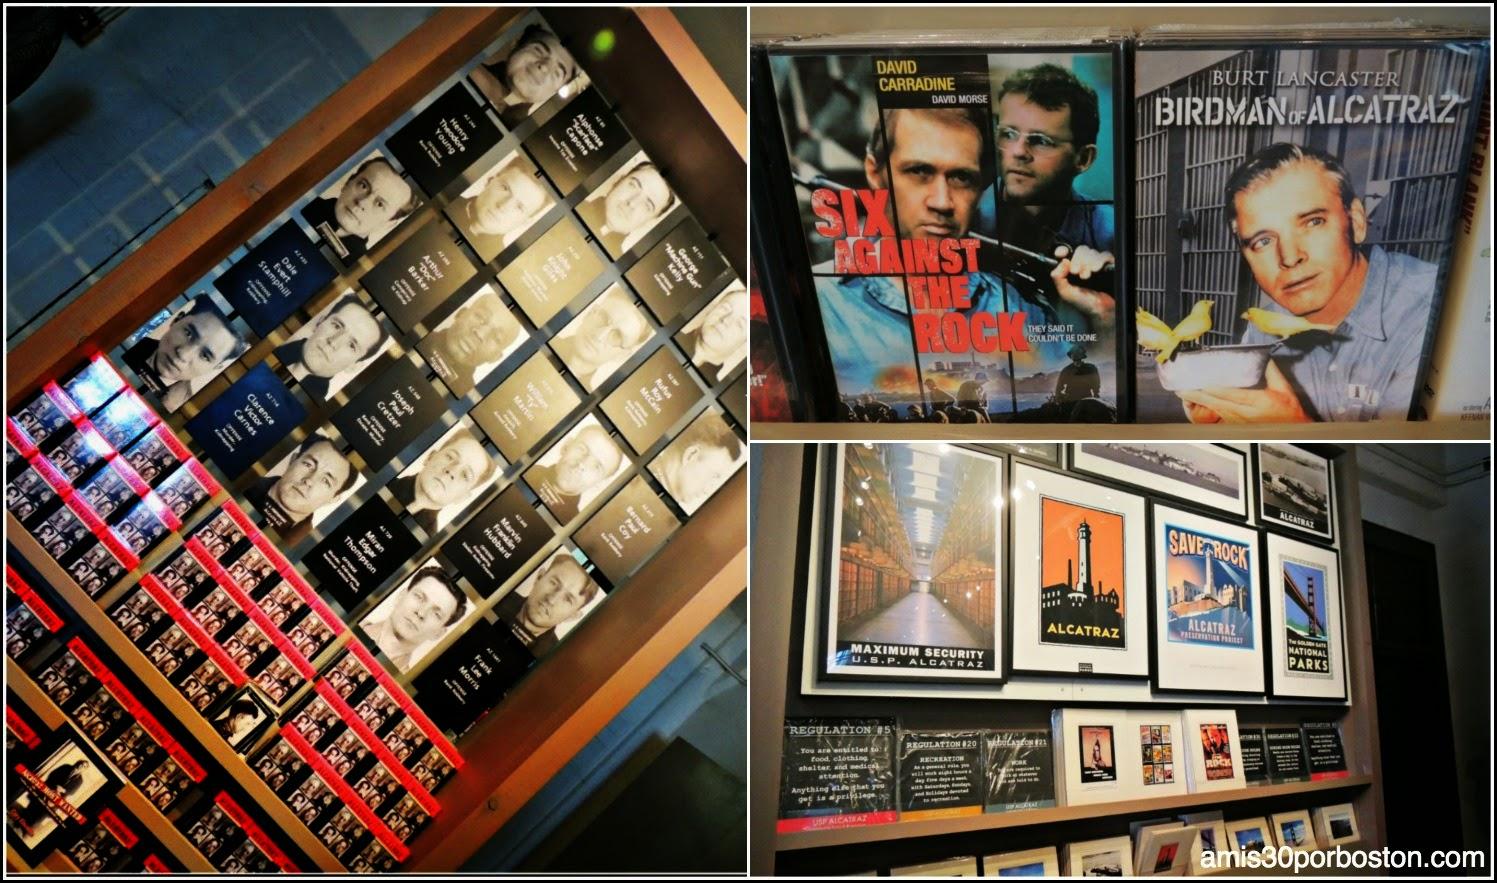 La Prisión de Alcatraz: Fotos de los Presos en la Tienda de Recuerdos